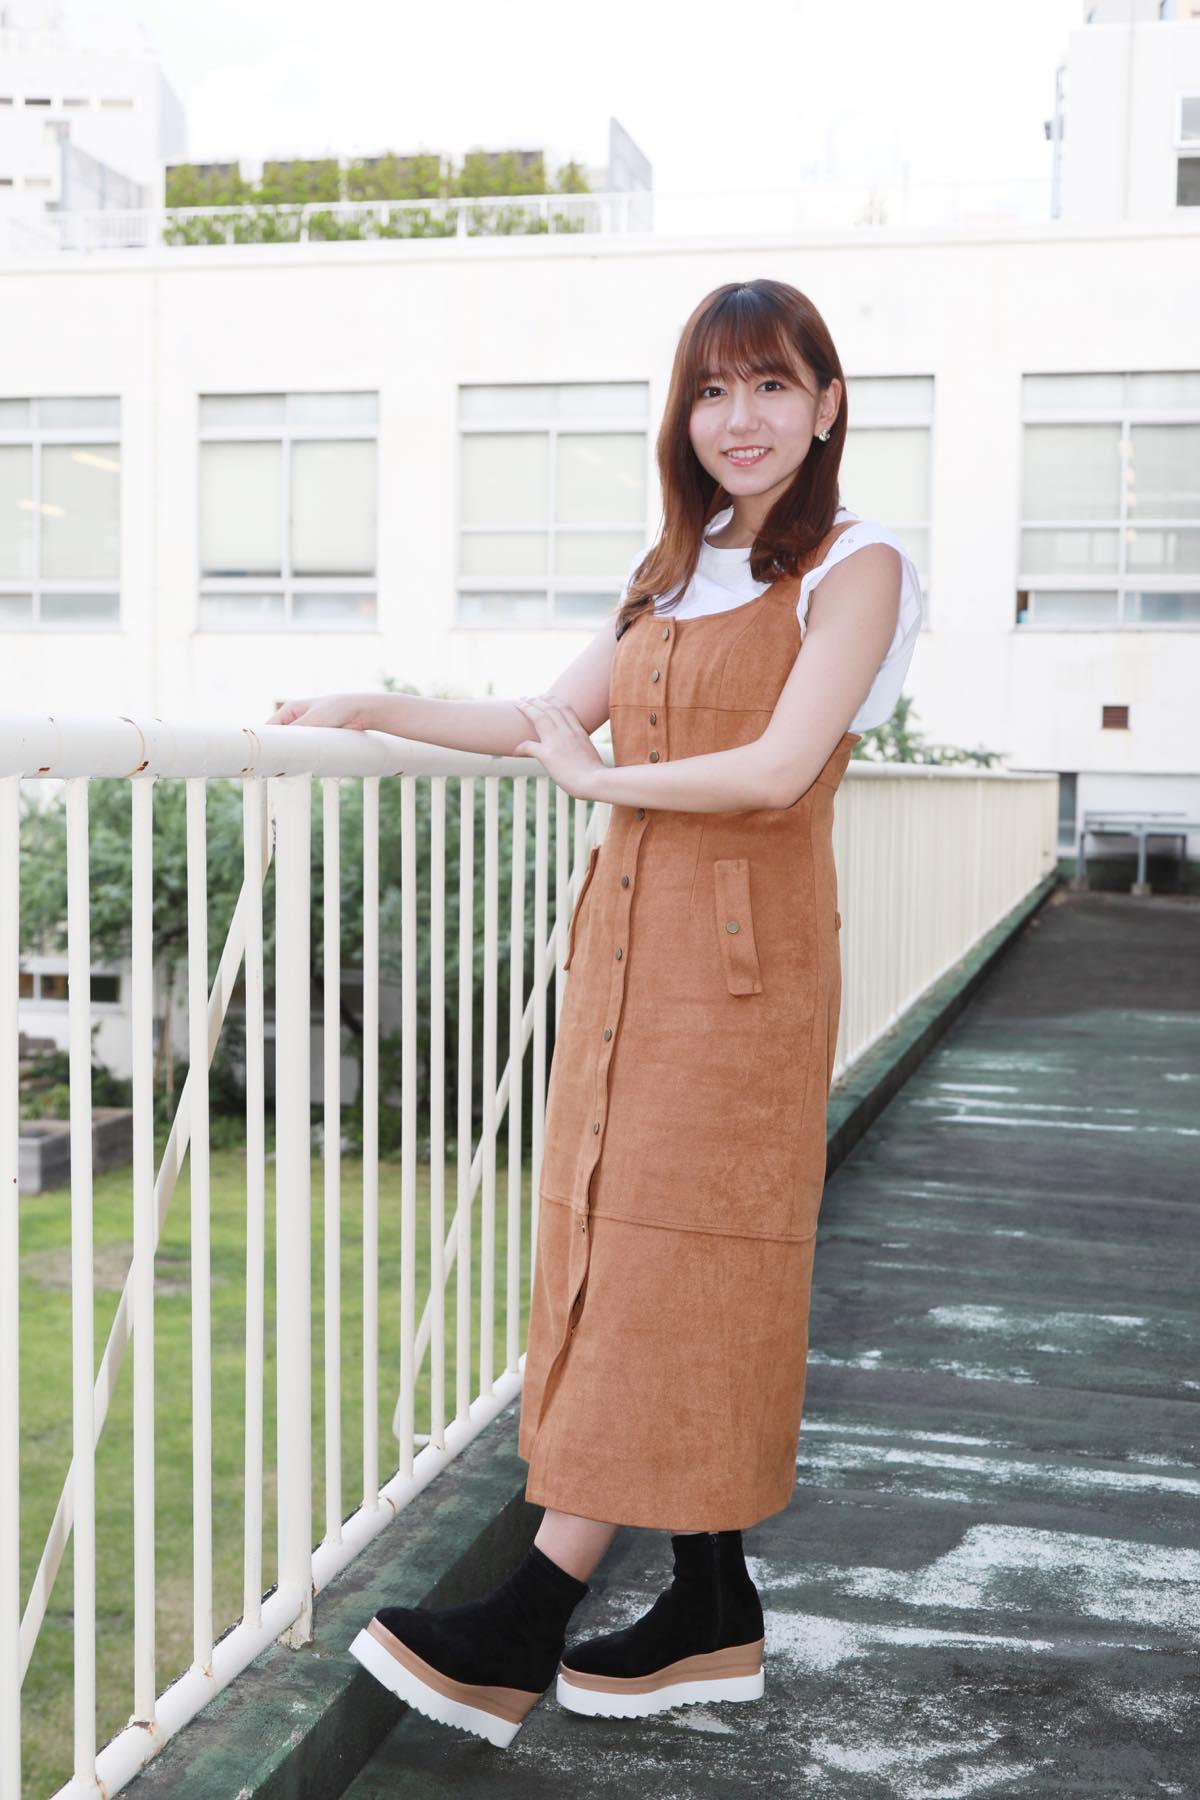 SKE48大場美奈『ハケンアニメ!』主演は「夢かな?」と思うくらいびっくり【独占インタビュー1/4】の画像001